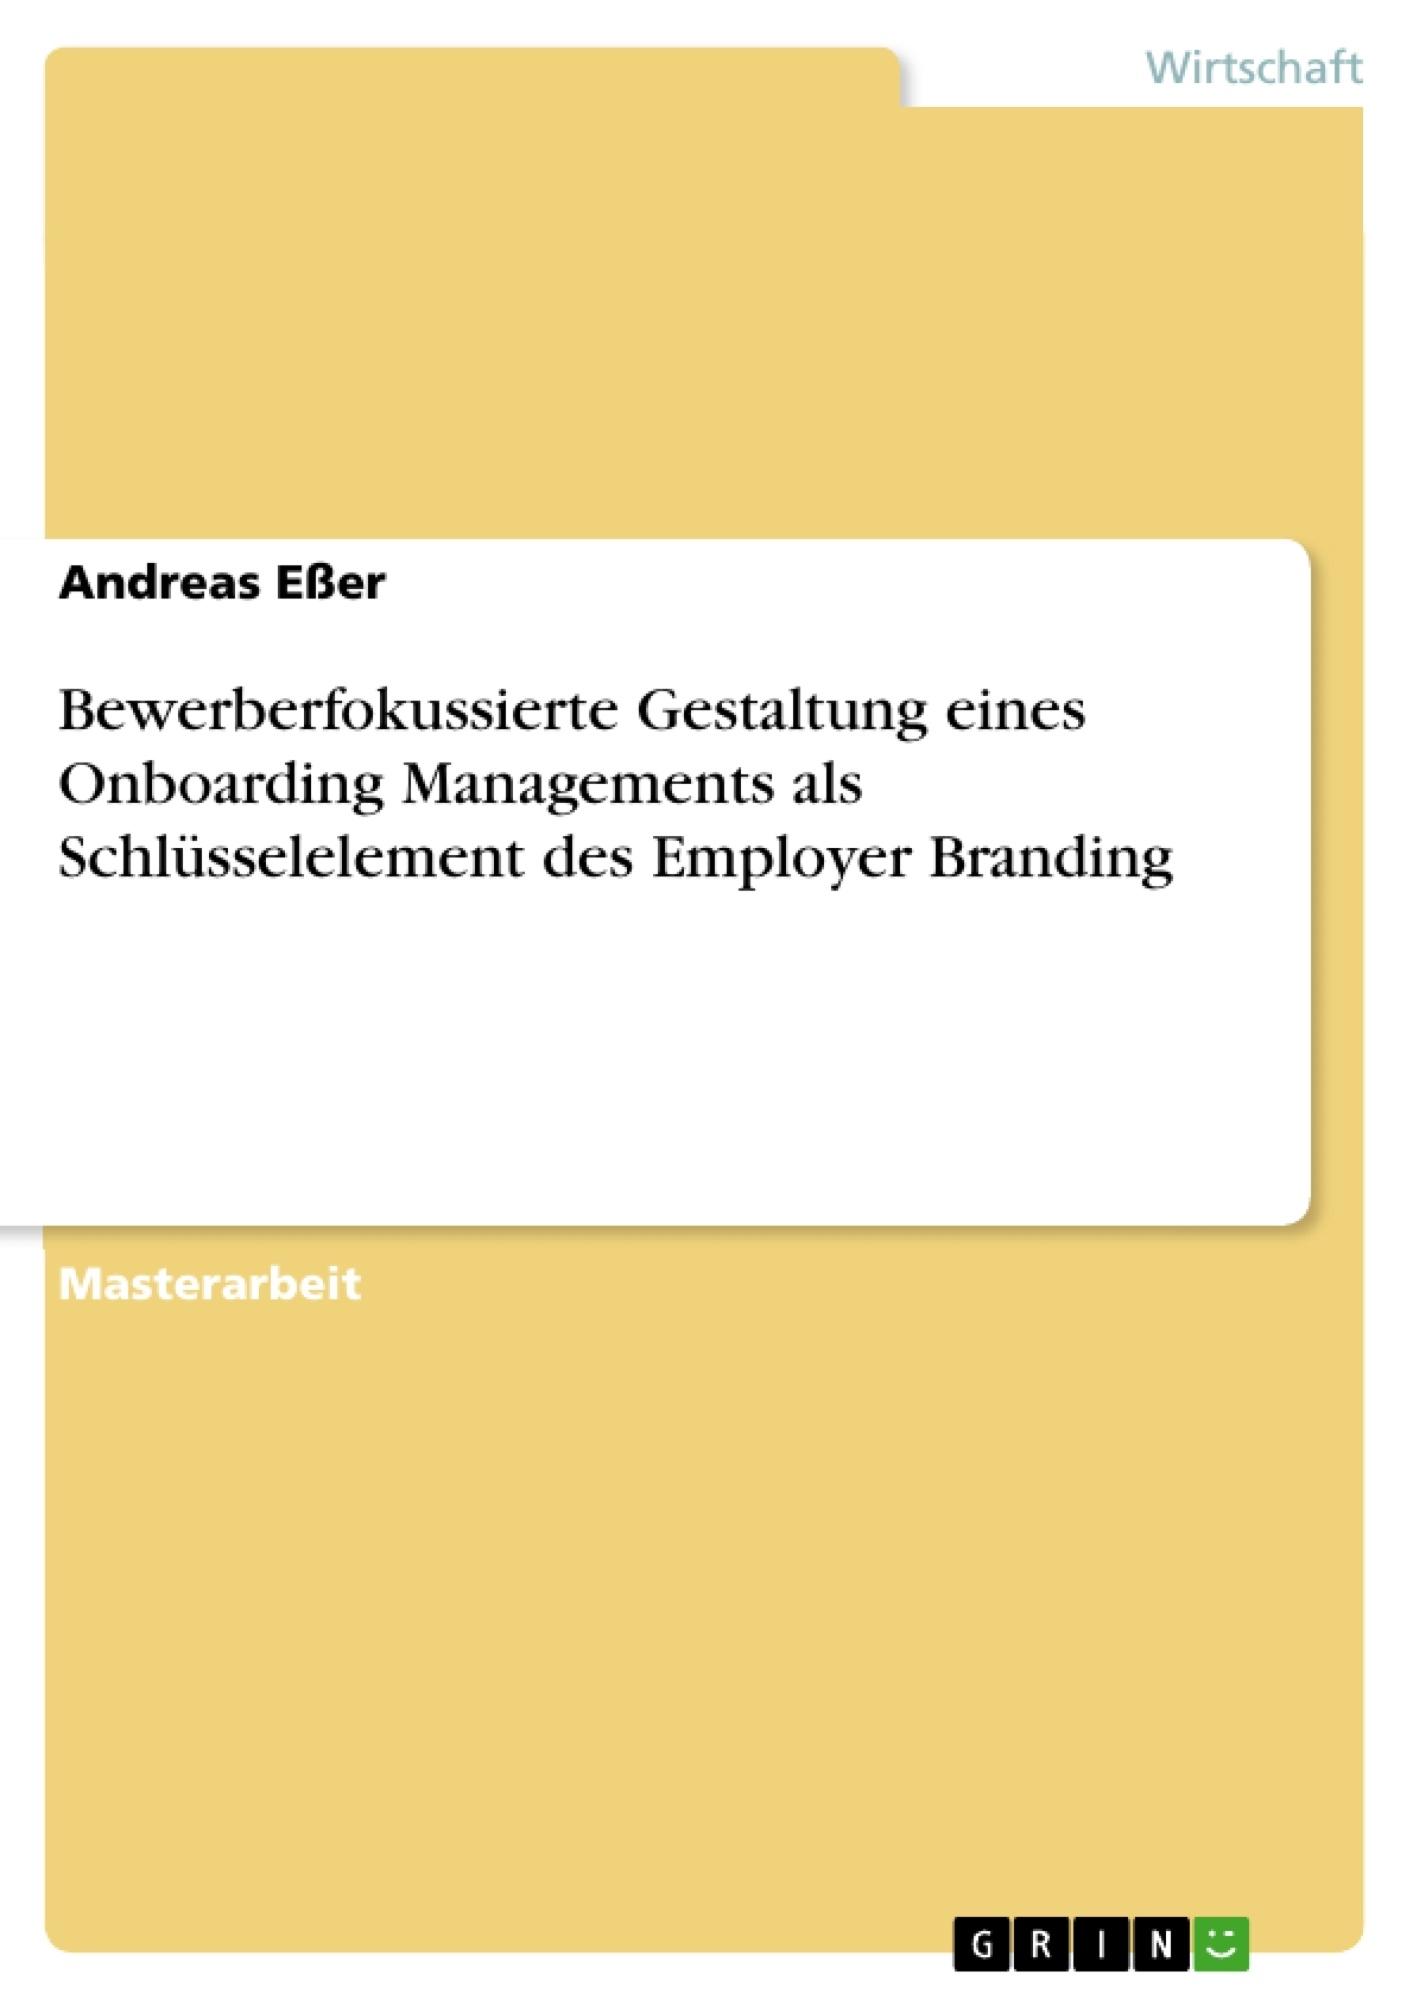 Titel: Bewerberfokussierte Gestaltung eines Onboarding Managements als Schlüsselelement des Employer Branding